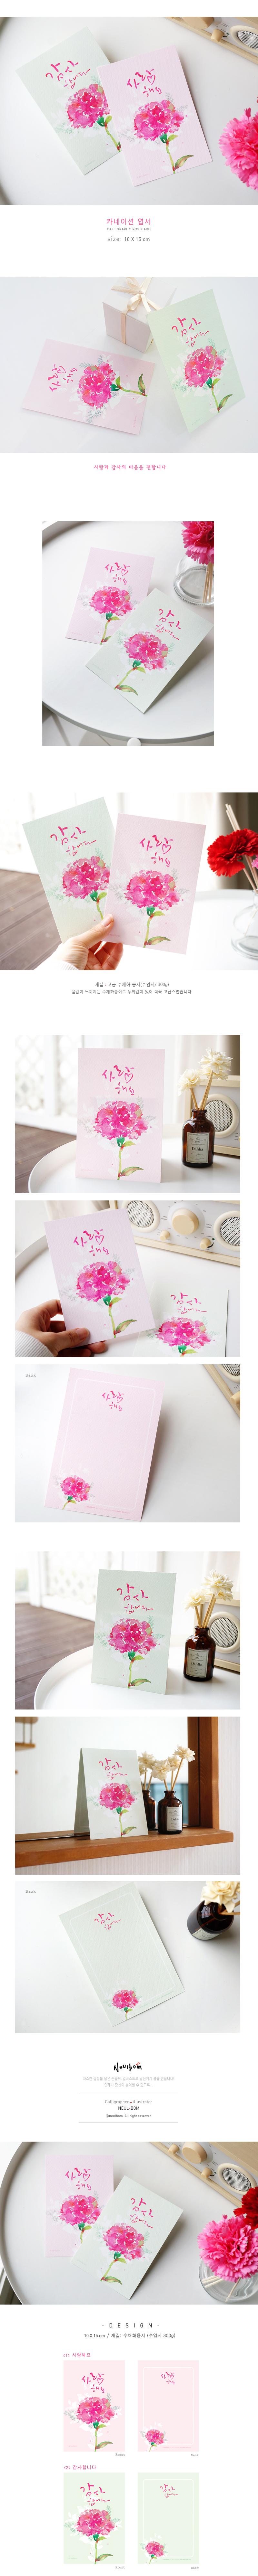 캘리그라피 카네이션 엽서 - 늘봄, 1,000원, 카드, 시즌/테마 카드